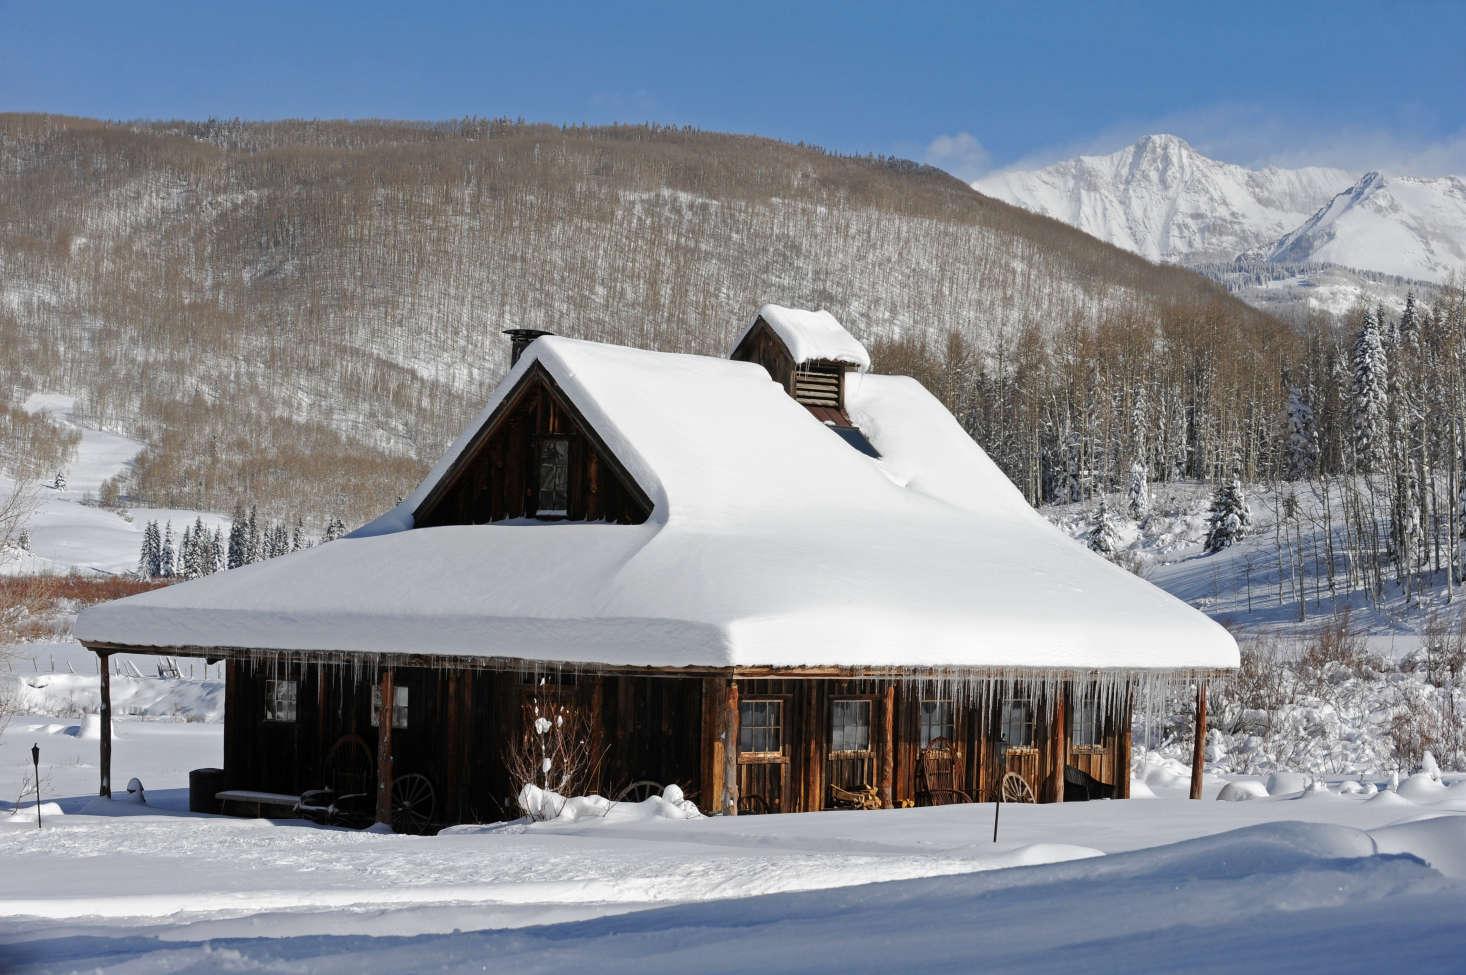 Hand-Hewn Cabins at Dunton Hot Springs in Colorado